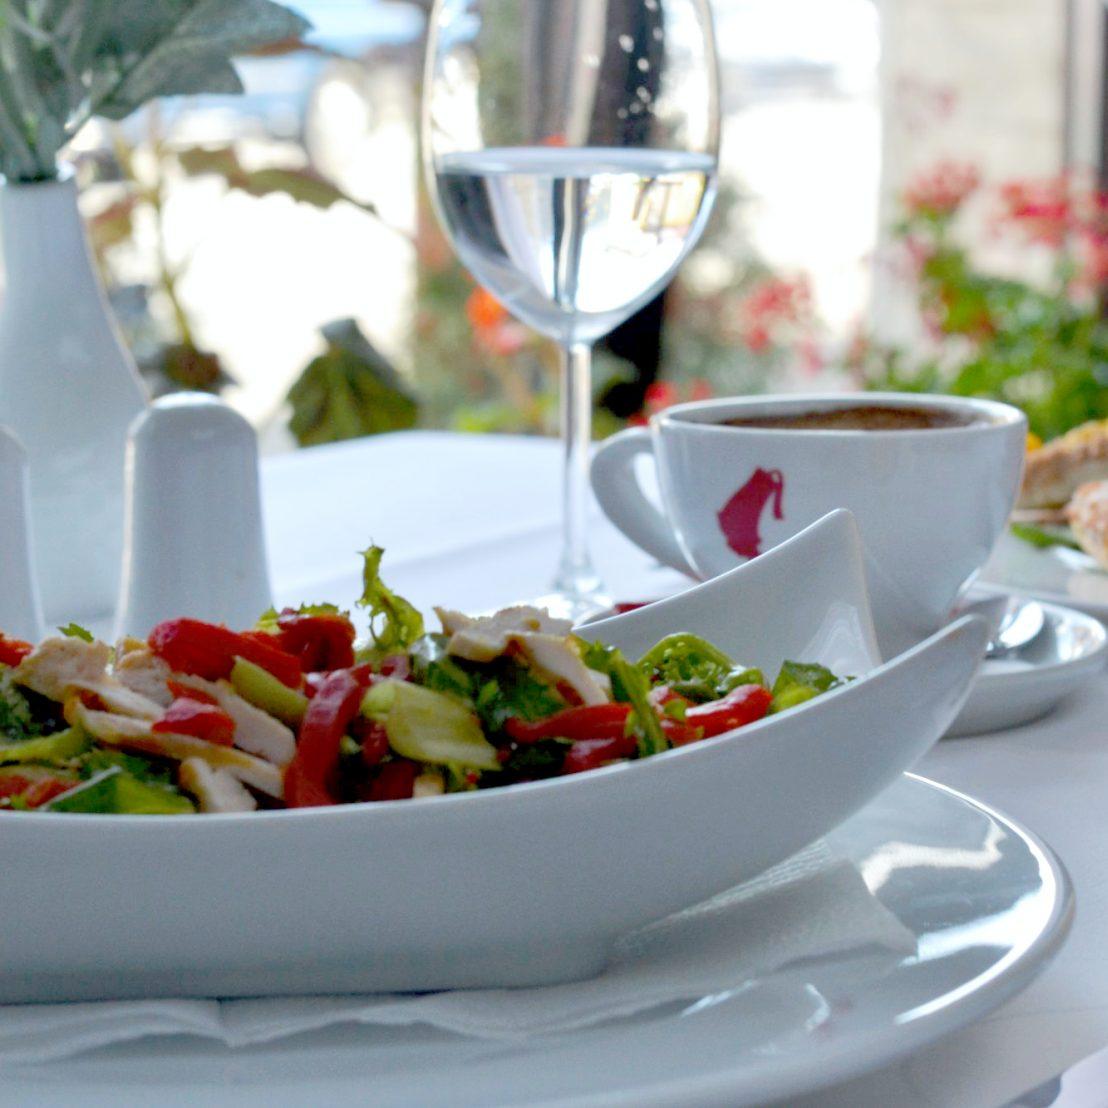 preparat salata - restaurant carmen